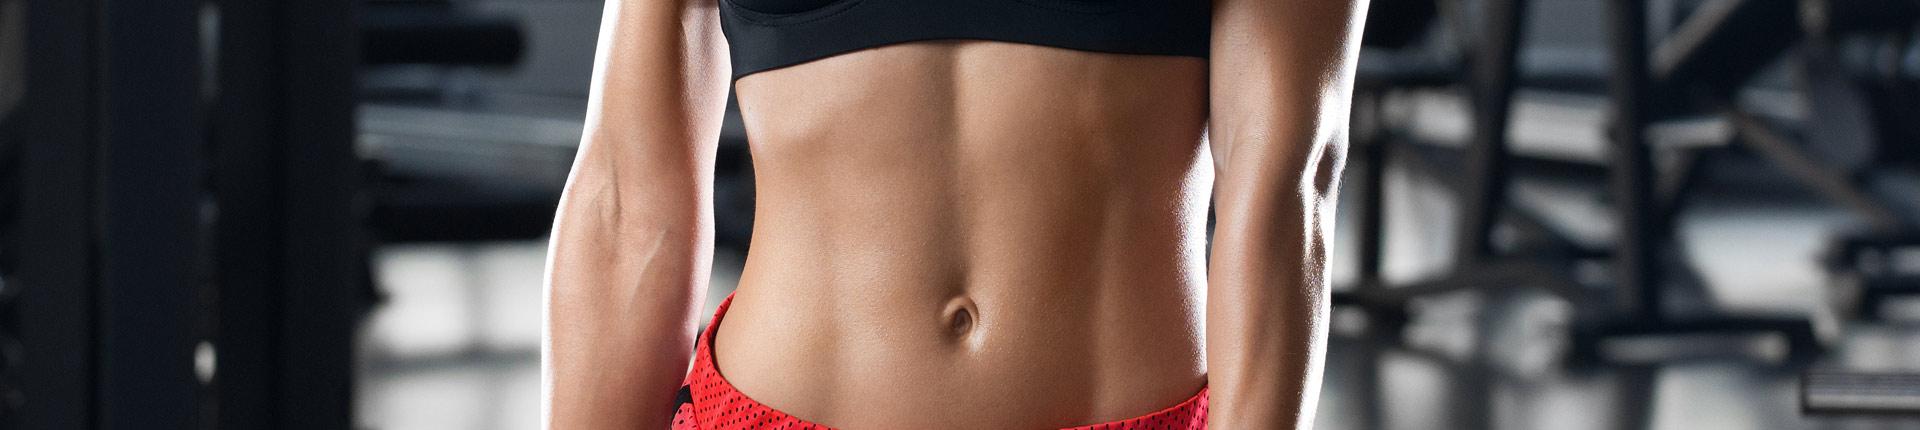 Jak trenować podczas odchudzania i redukcji. Jak zachować mięśnie?